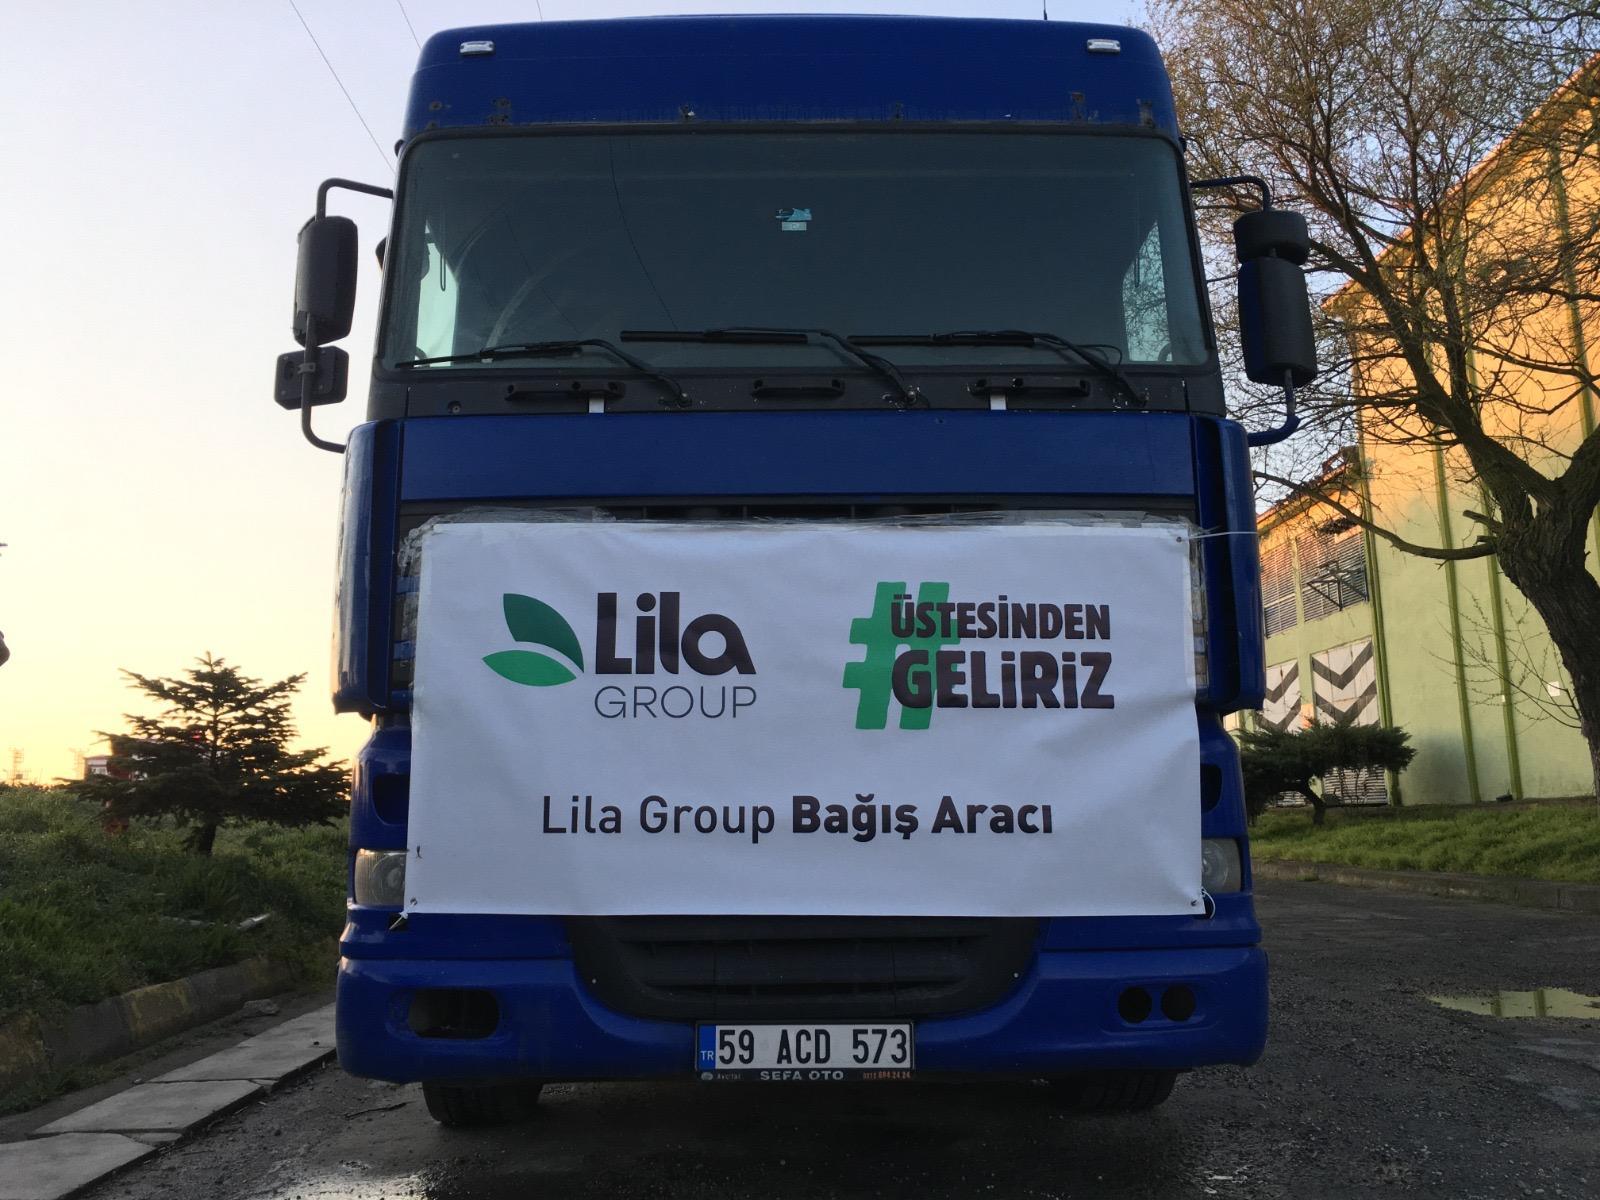 Lila Group'tan 3 aylık hijyenik temizlik kâğıdı bağışı